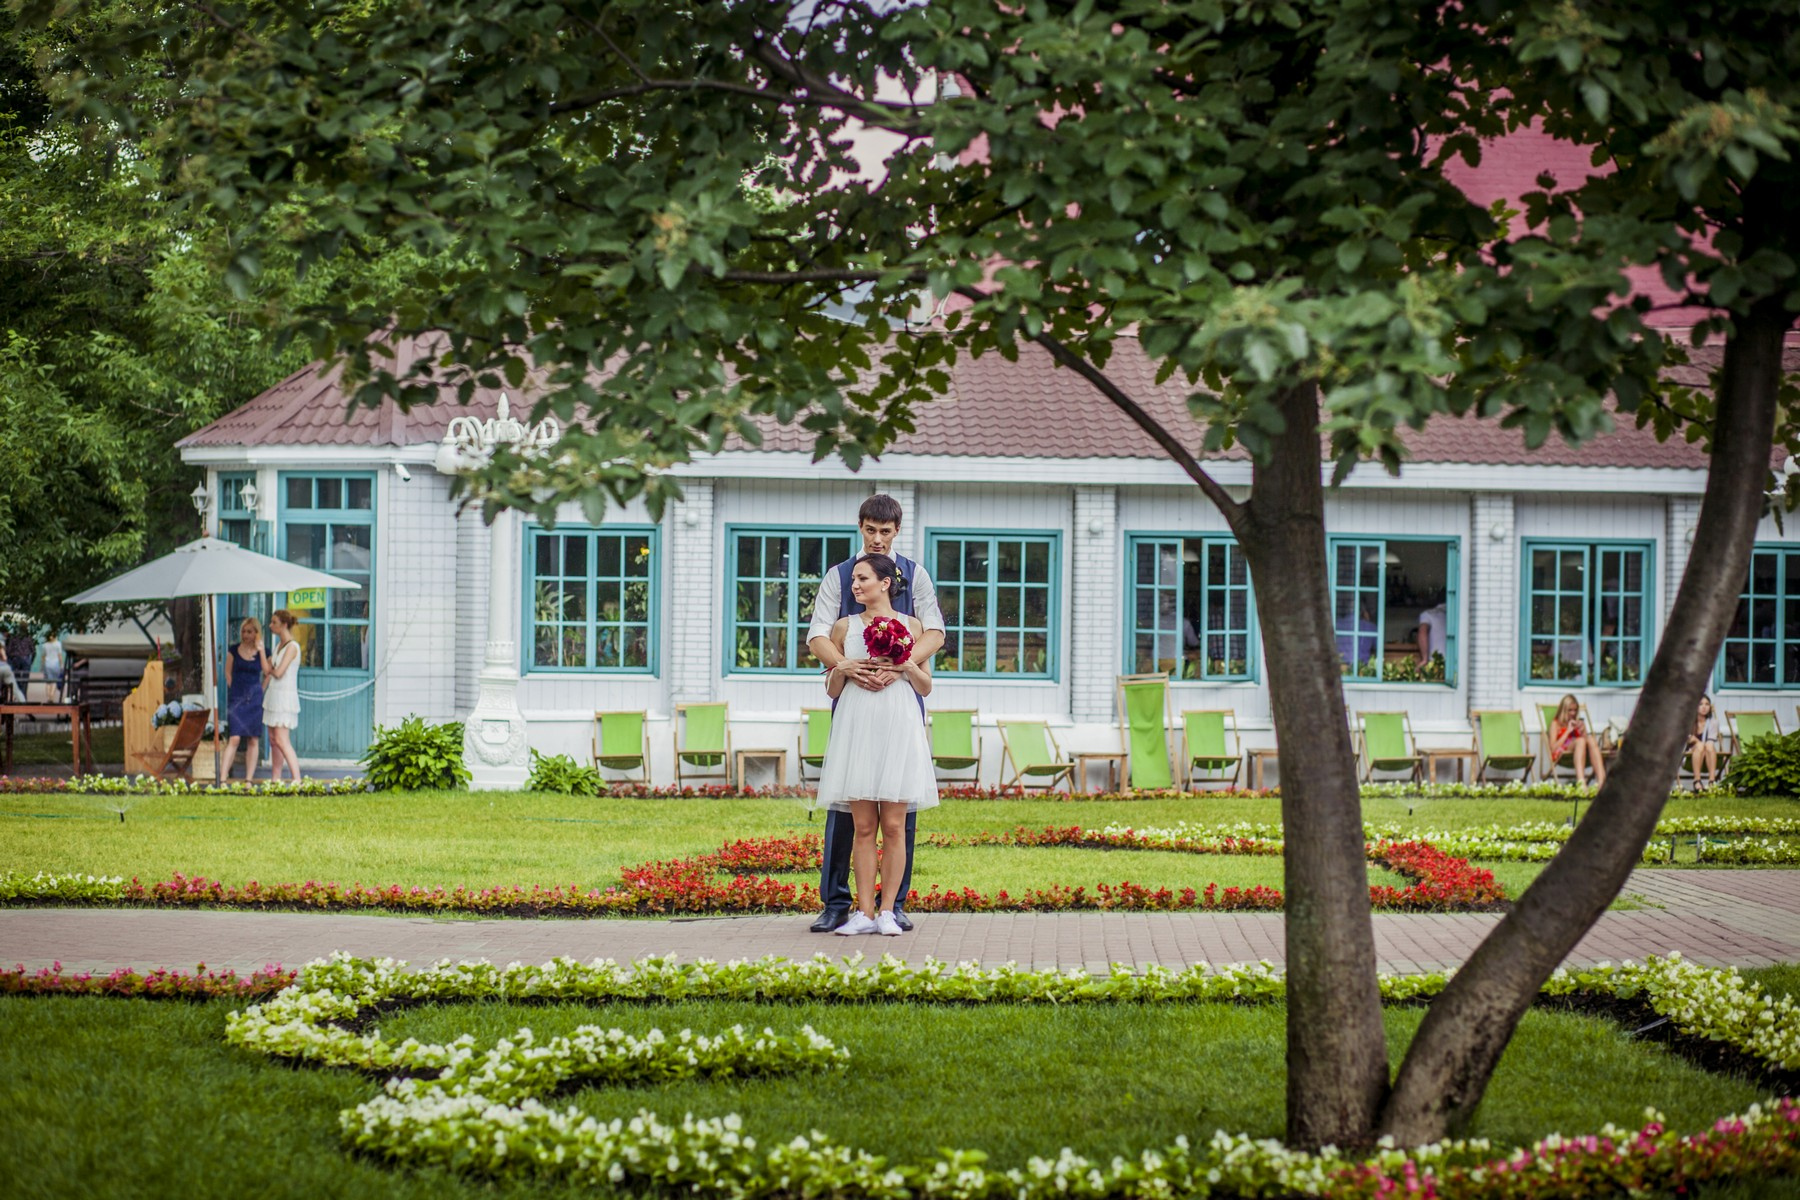 Профессиональный свадебный фотограф, это психолог, и друг молодоженам